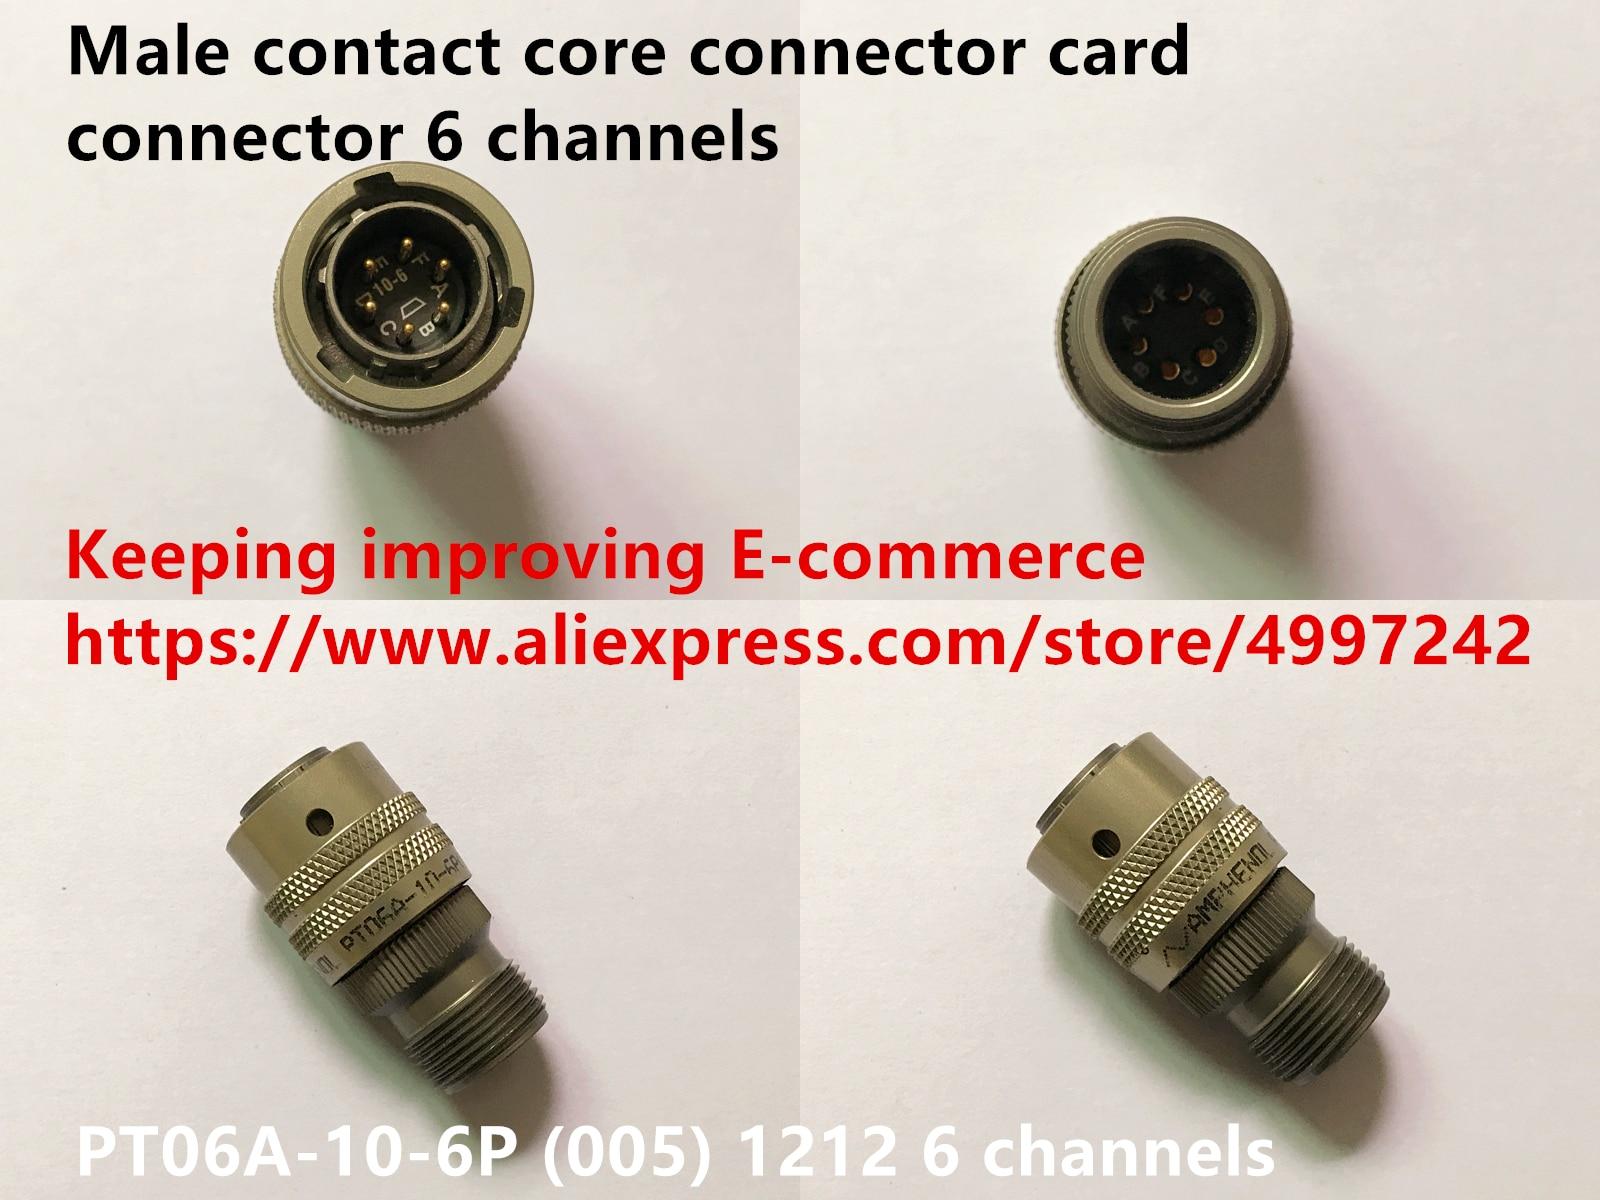 الأصلي جديد 100% PT06A-10-6P (005) 1212 الذكور الاتصال النواة موصل بطاقة موصل 6 قنوات